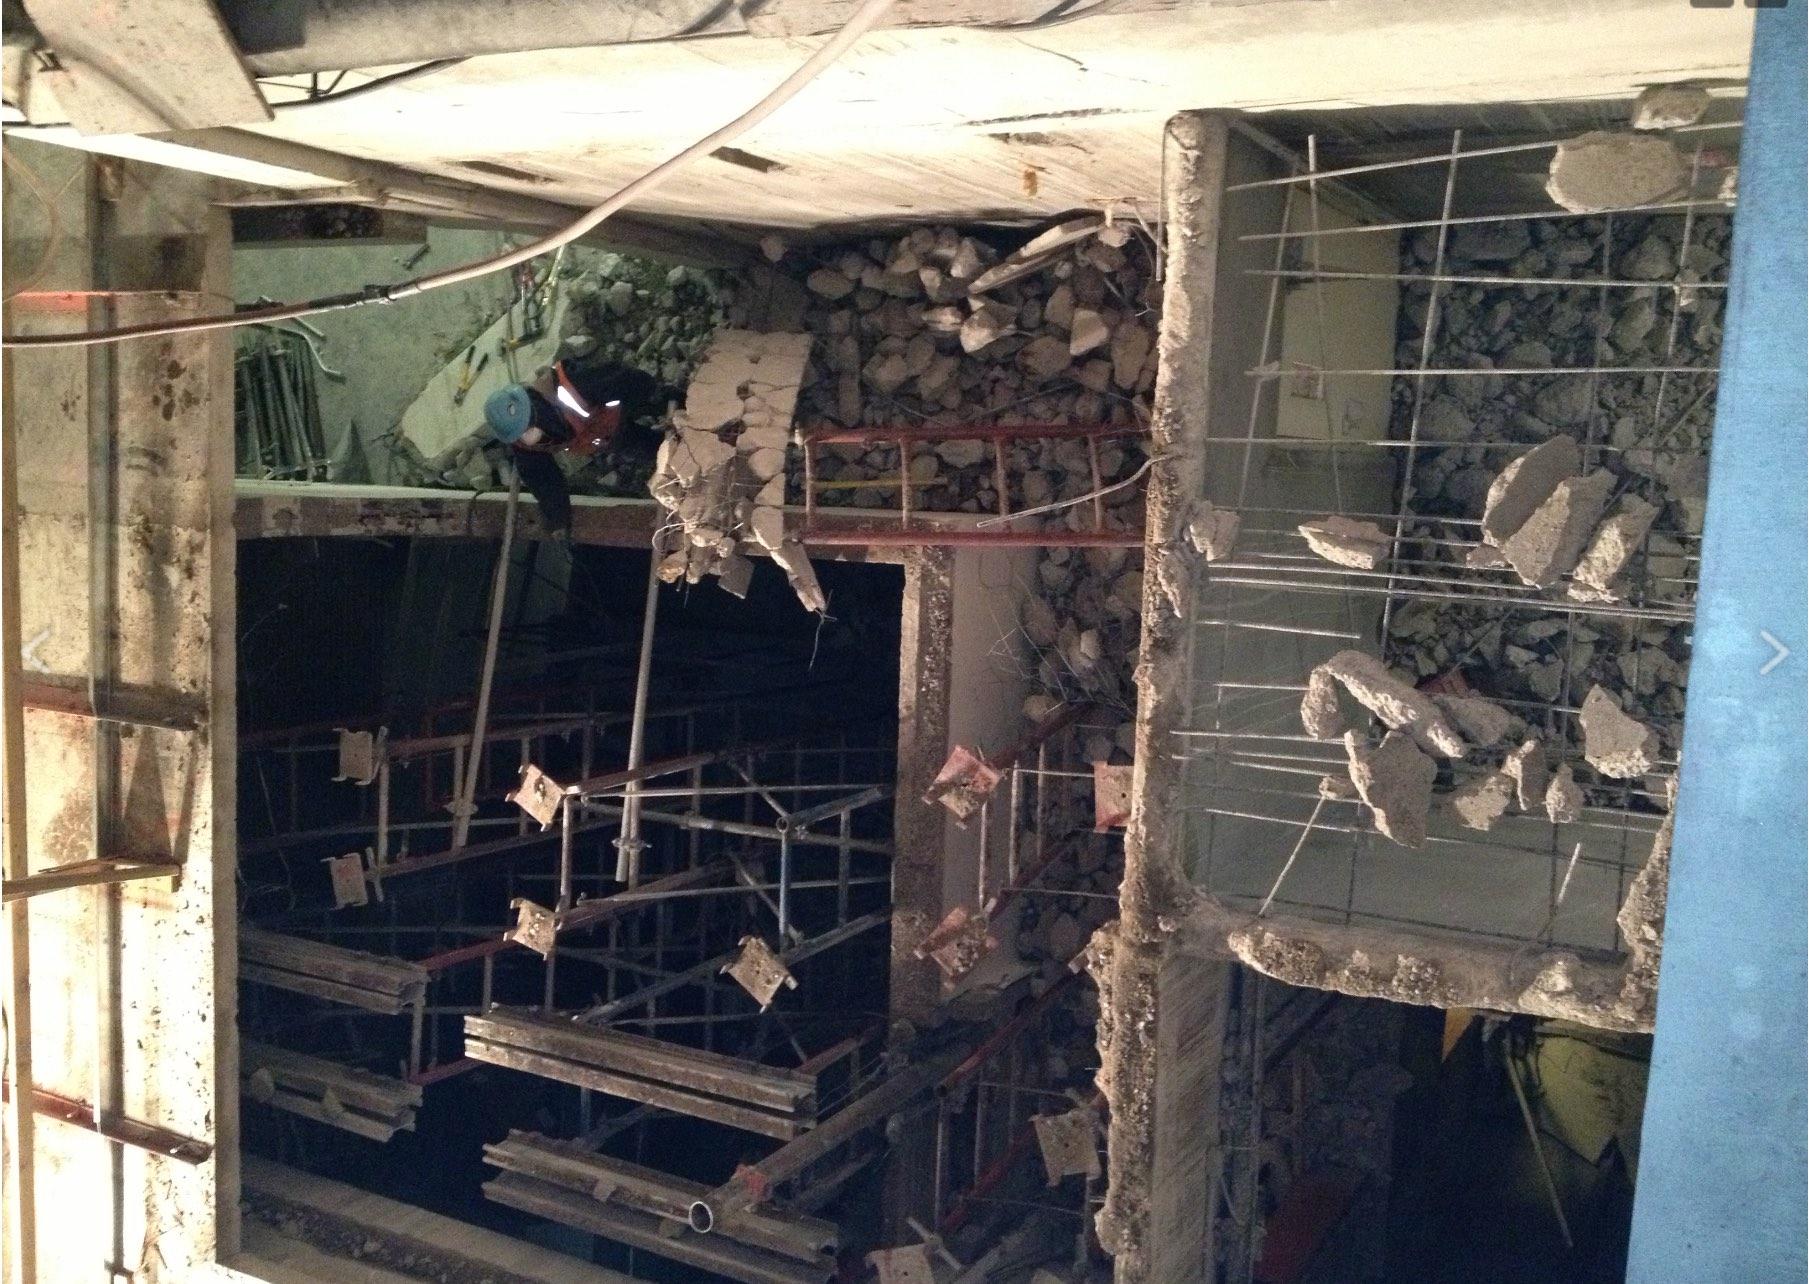 hillen-demolition-11.jpg